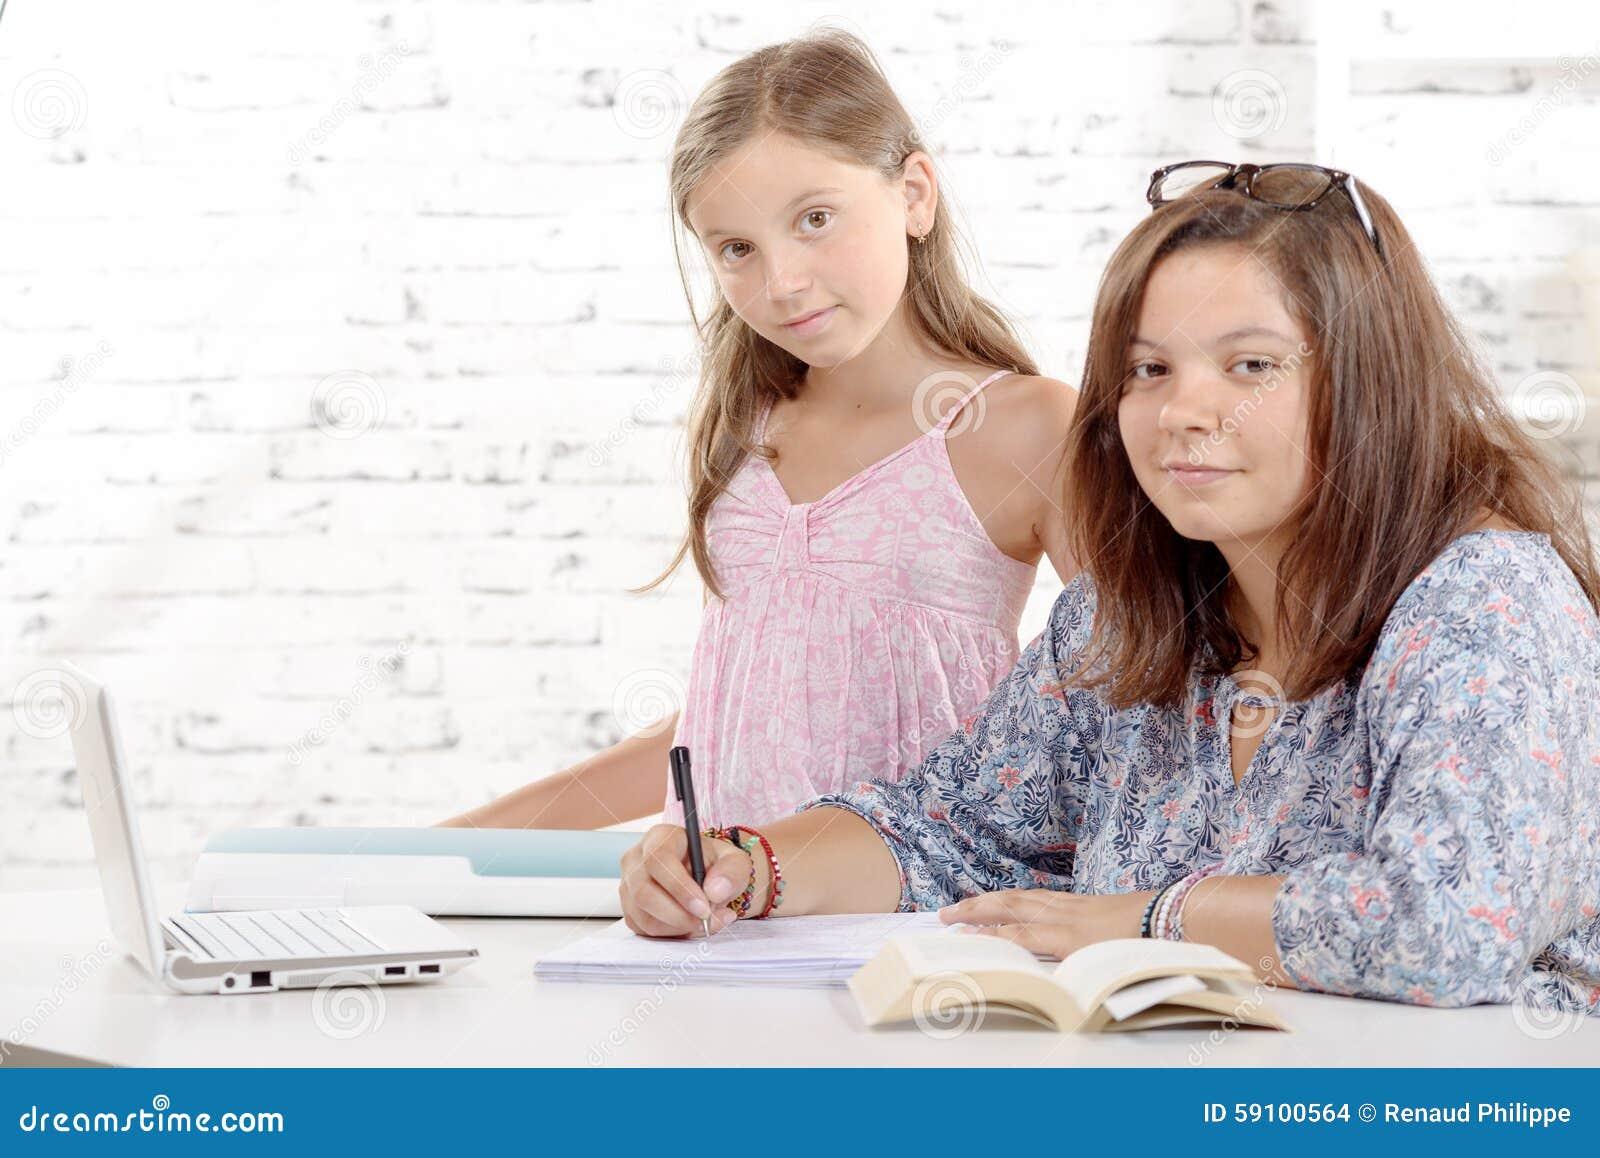 一个十几岁的女孩和她的妹妹